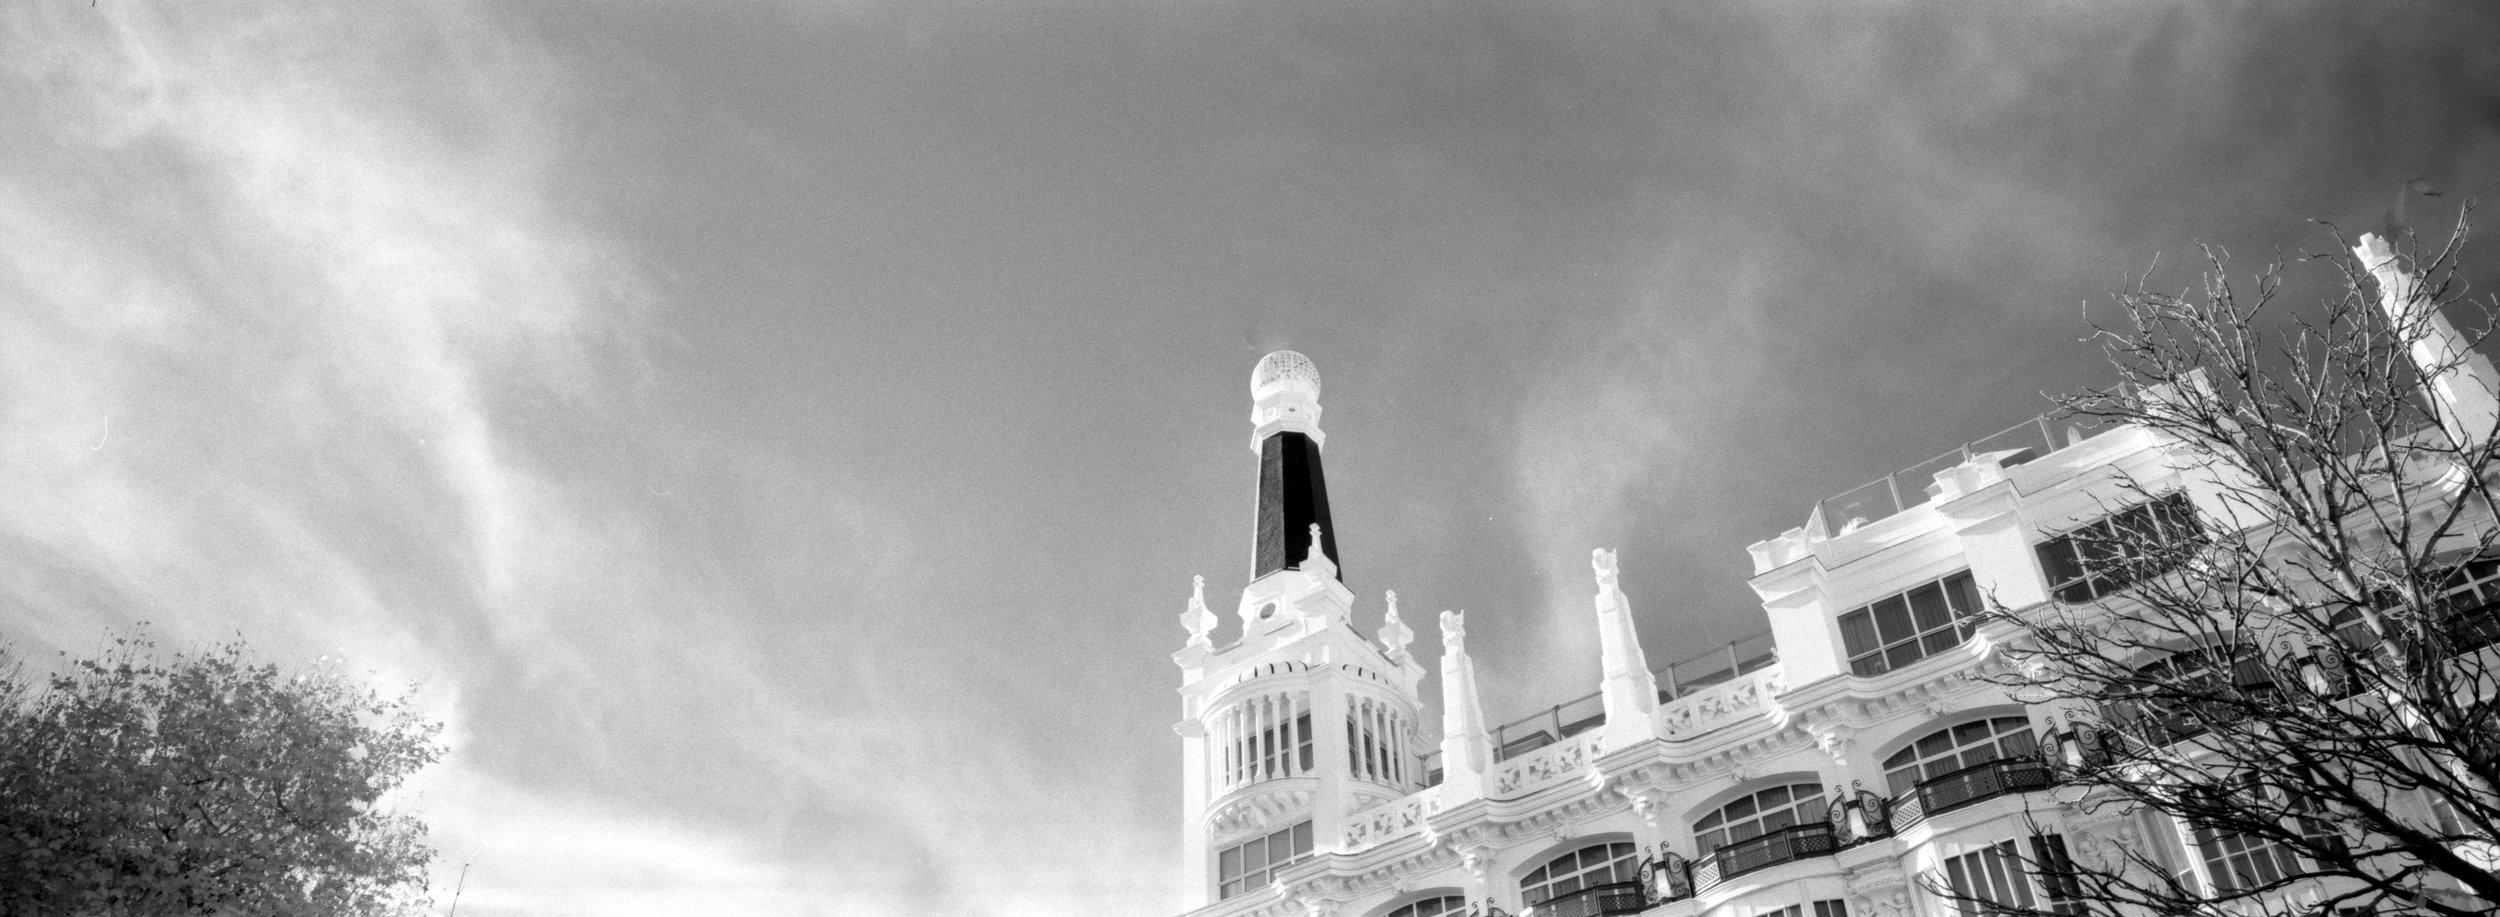 MadridInfrared15.jpg